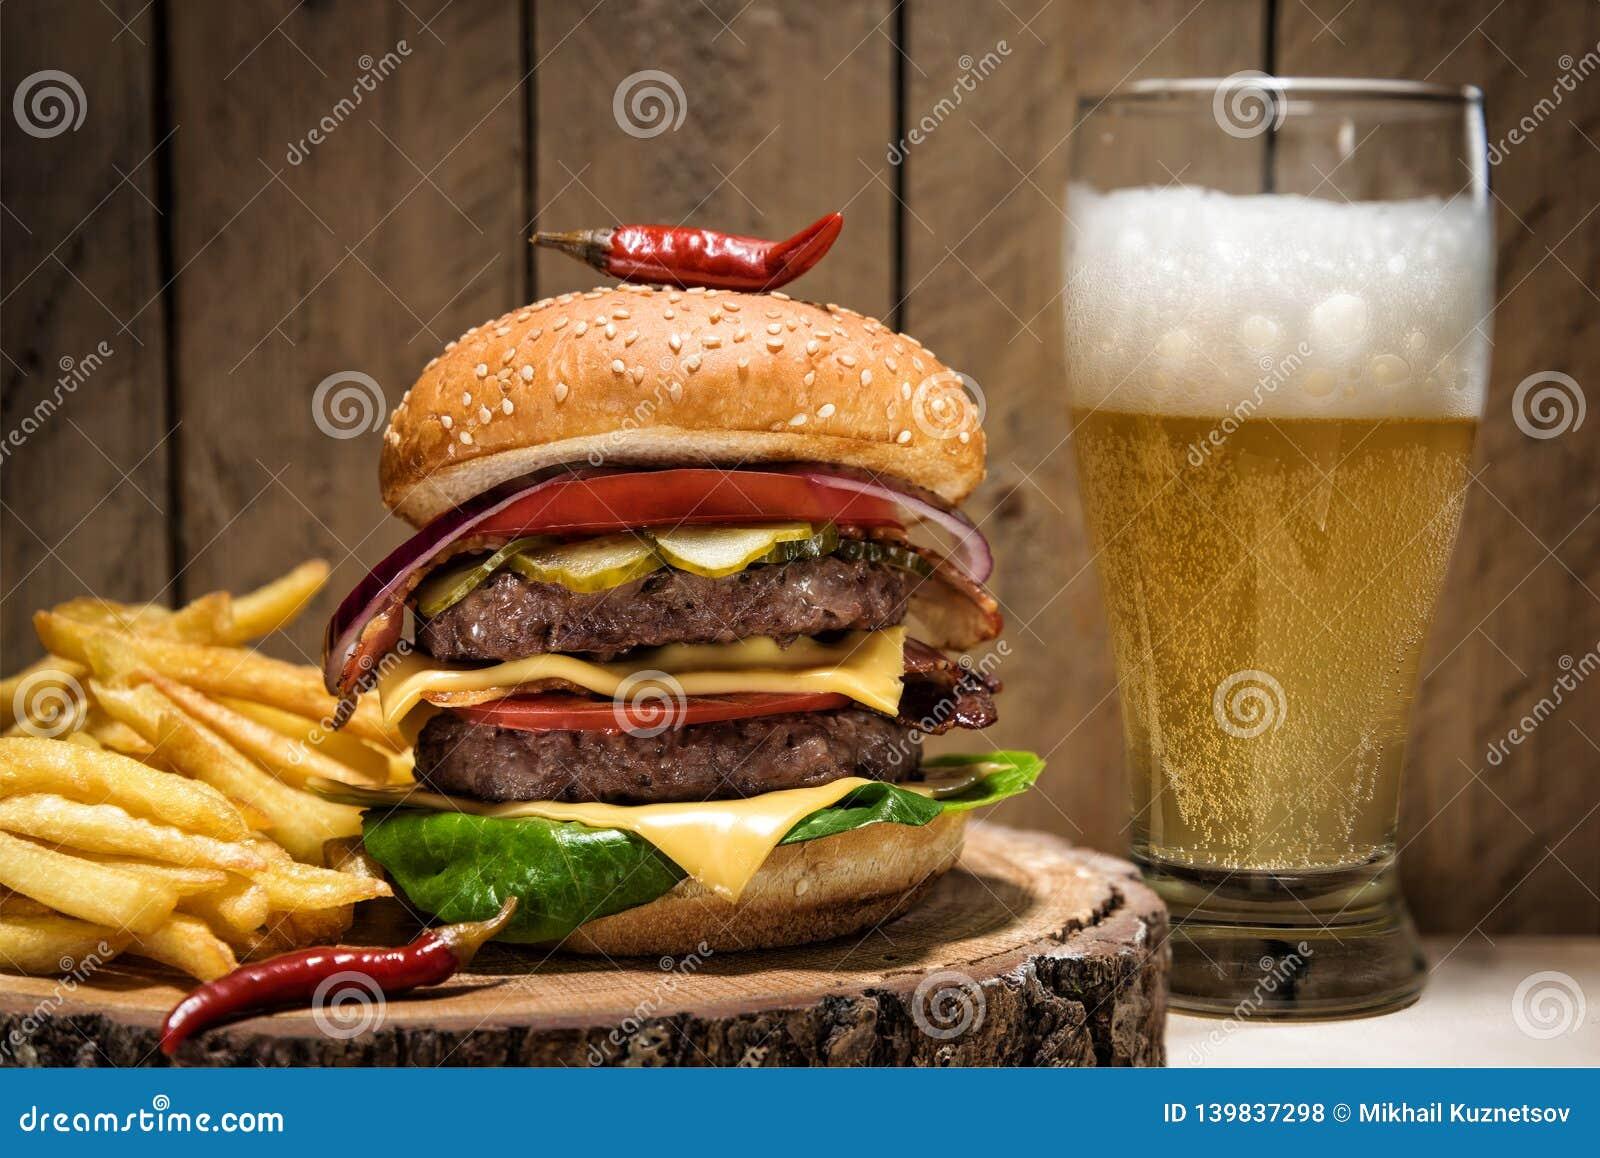 Cheeseburger grande con pimienta de chile, patatas fritas y un vaso de cerveza en fondo de madera